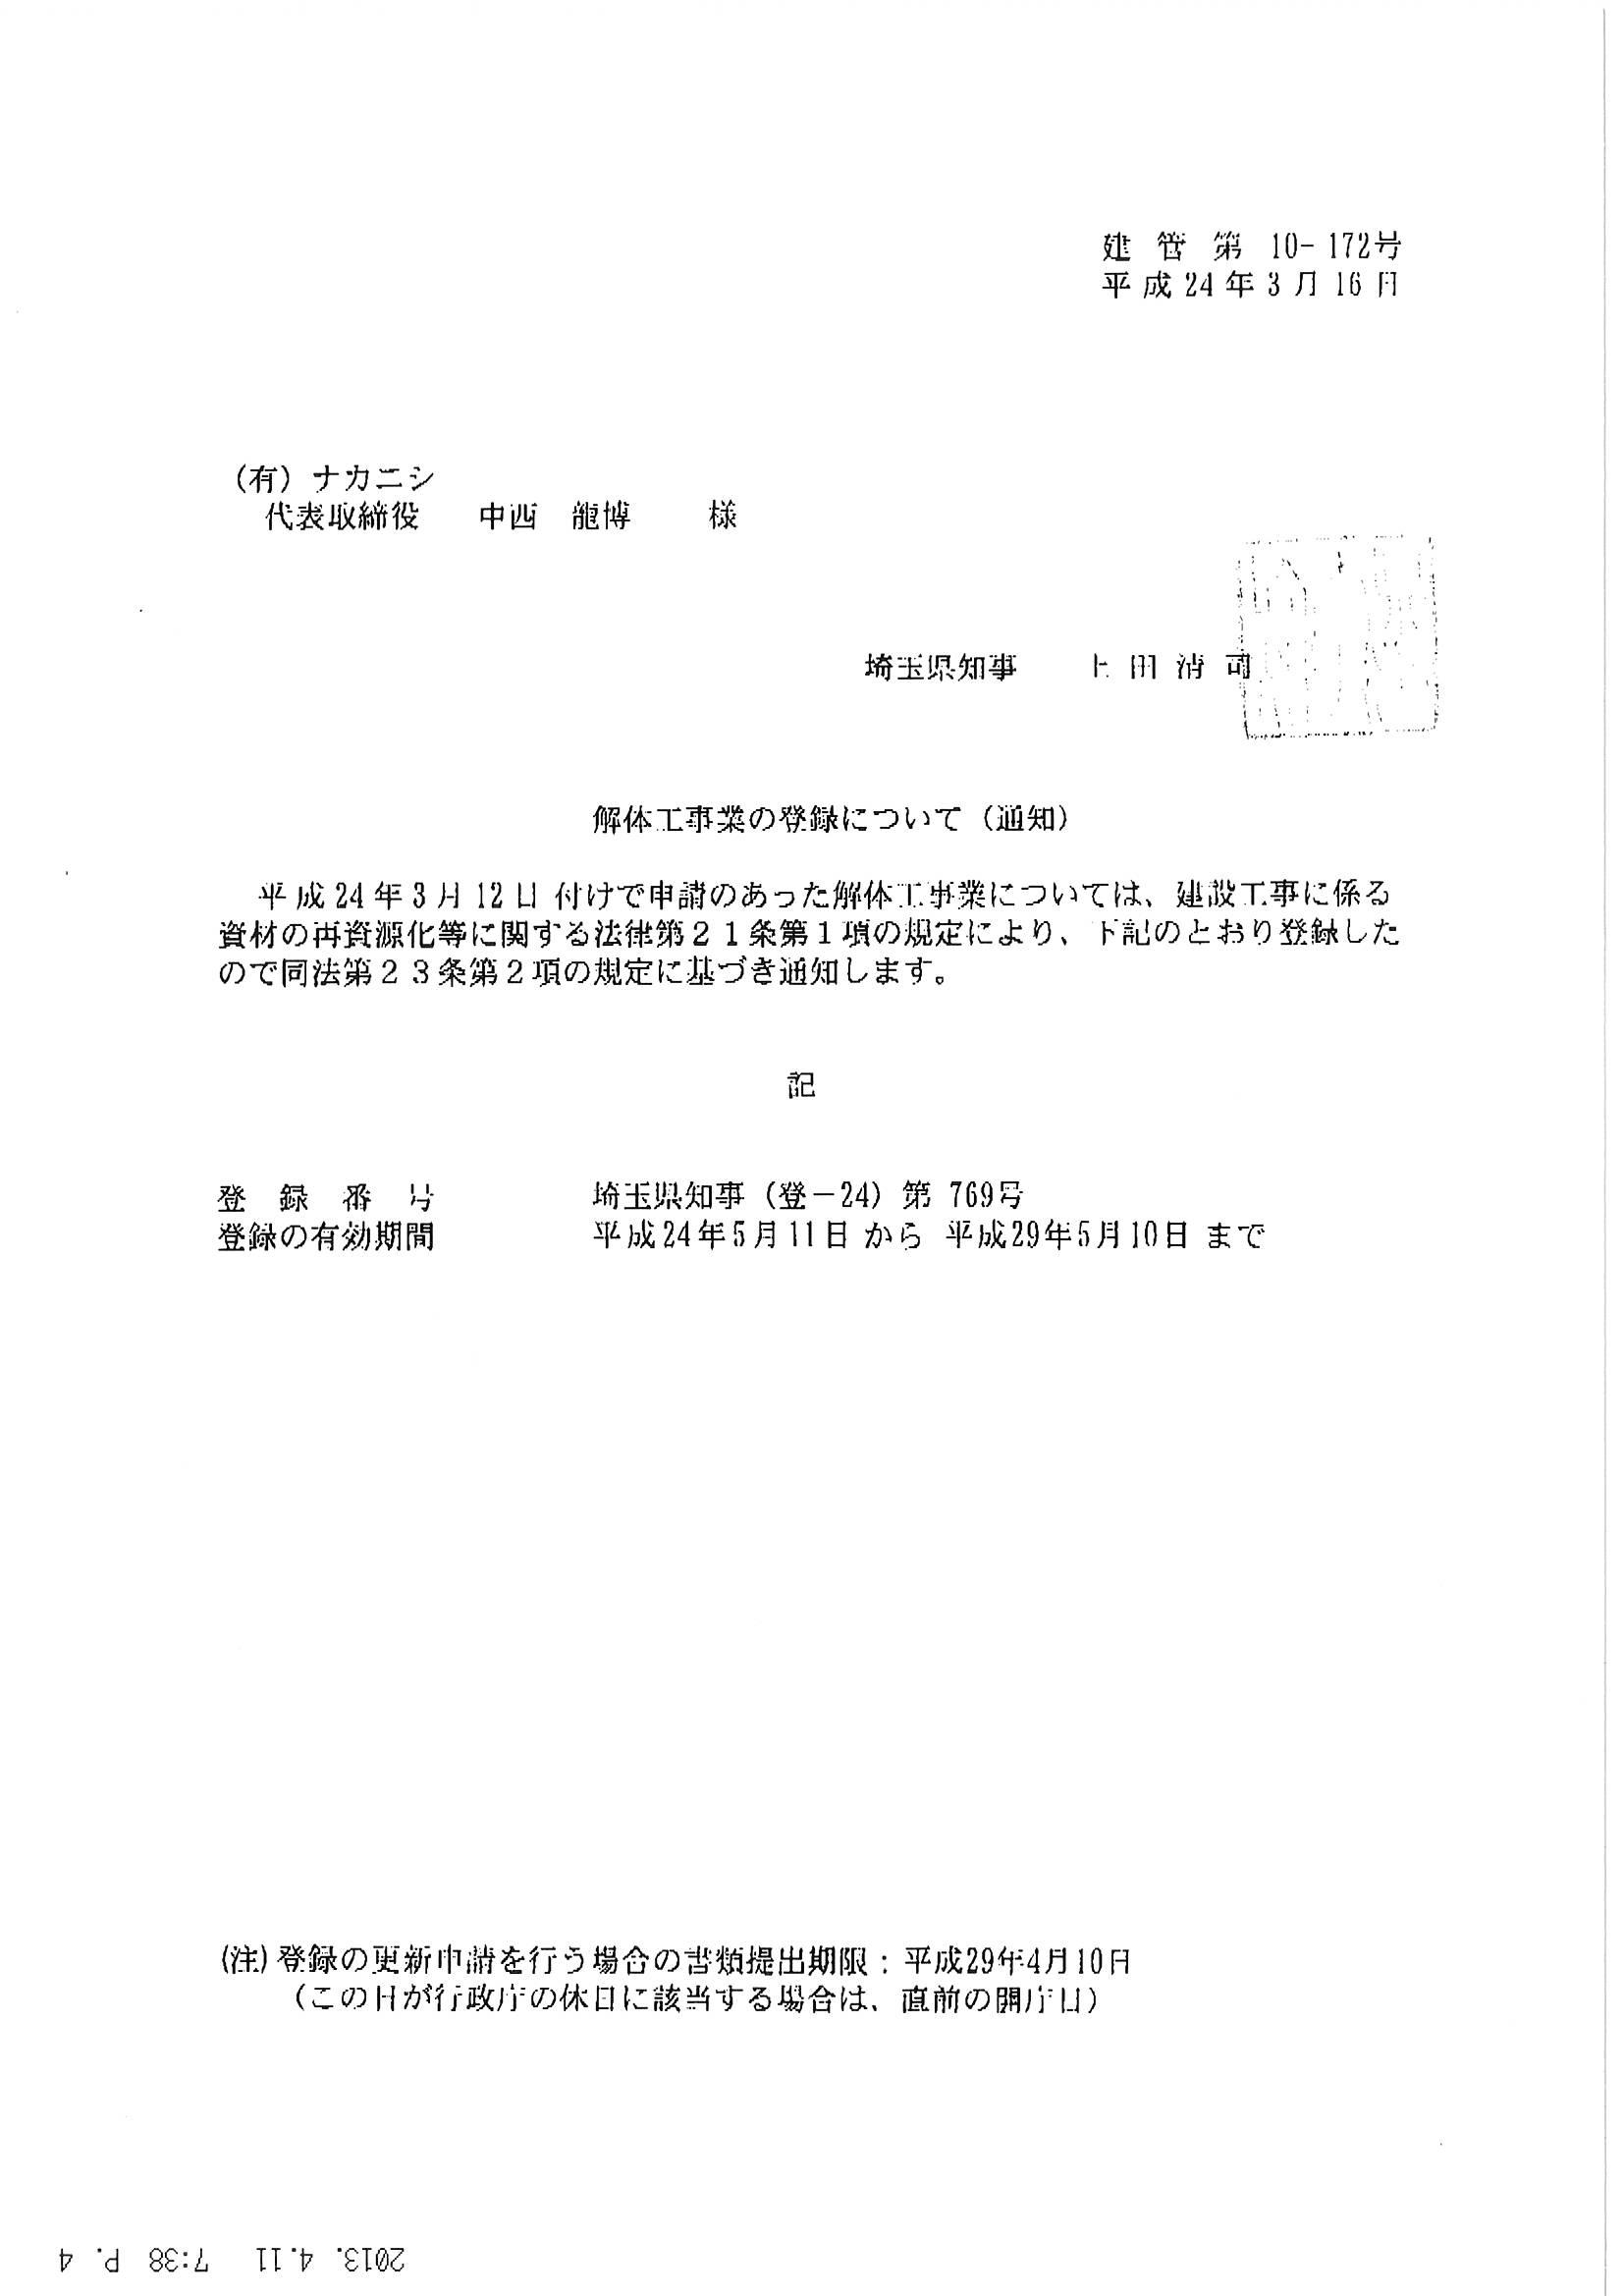 許可証関連写真1